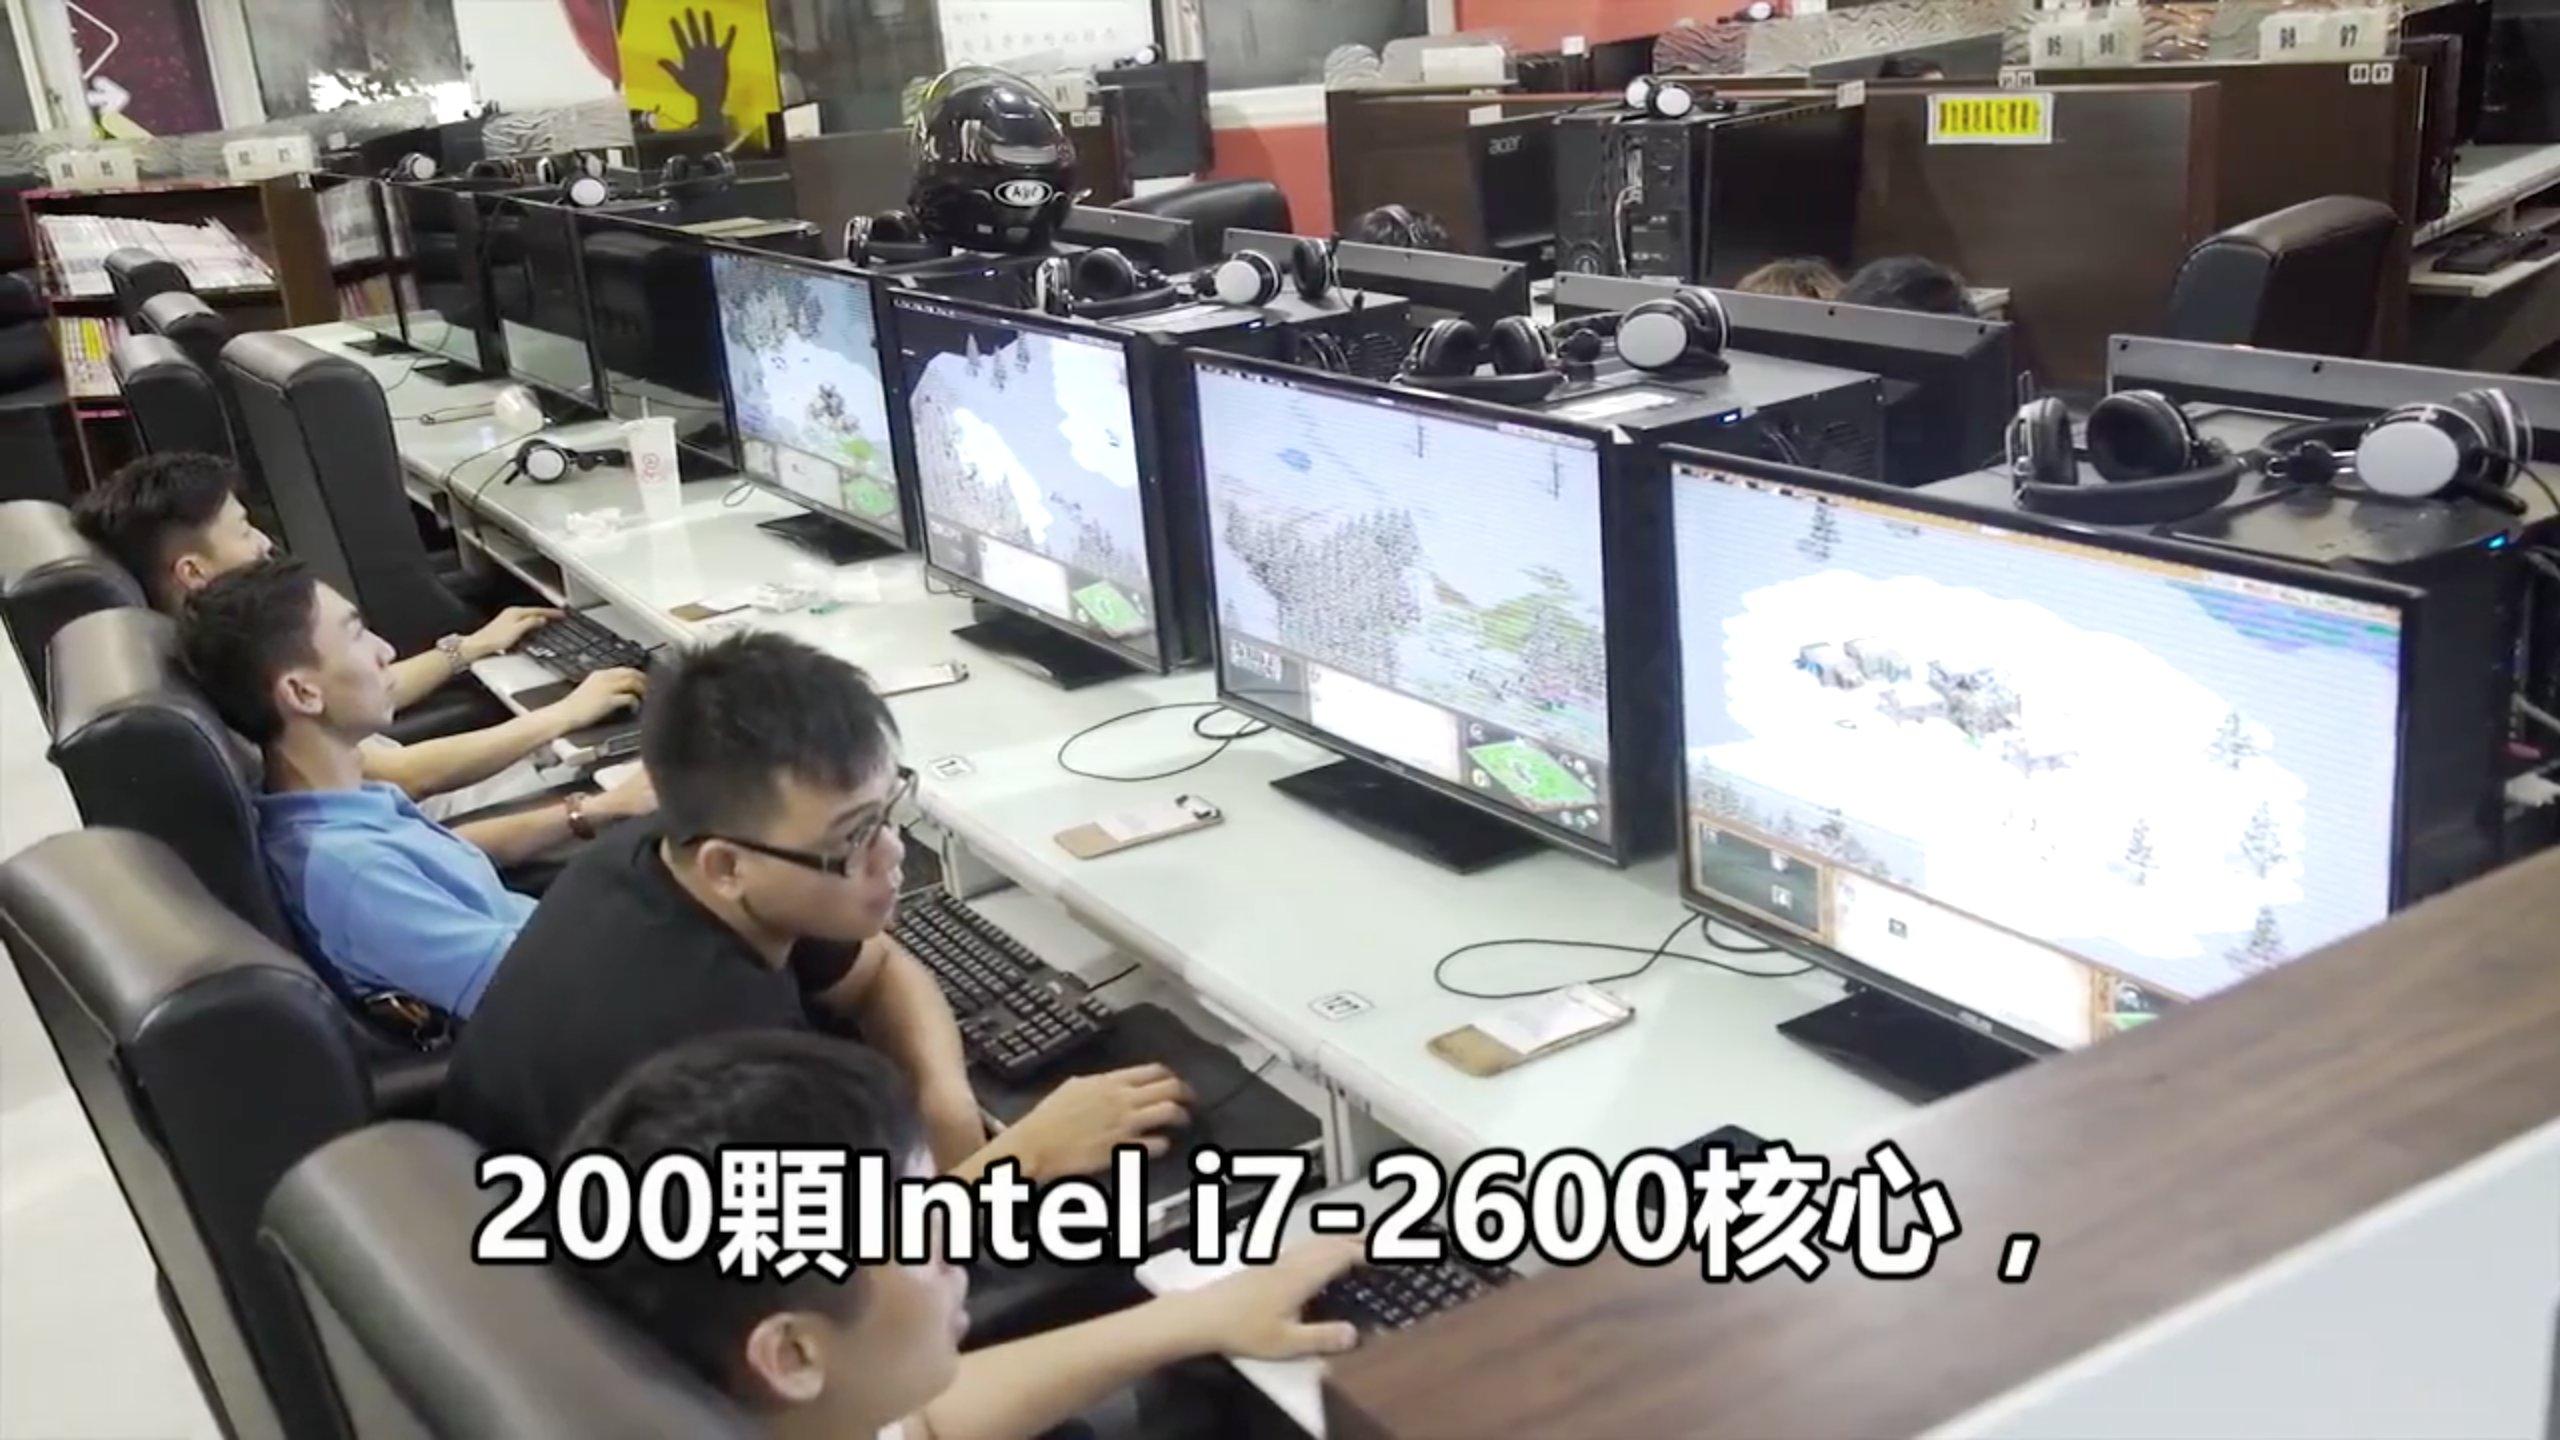 e89ea2e5b995e5bfabe785a7 2017 12 05 e4b88be58d8812 41 27 2 - 外國人眼裡的網咖 究竟是台灣之恥還是台灣之光?